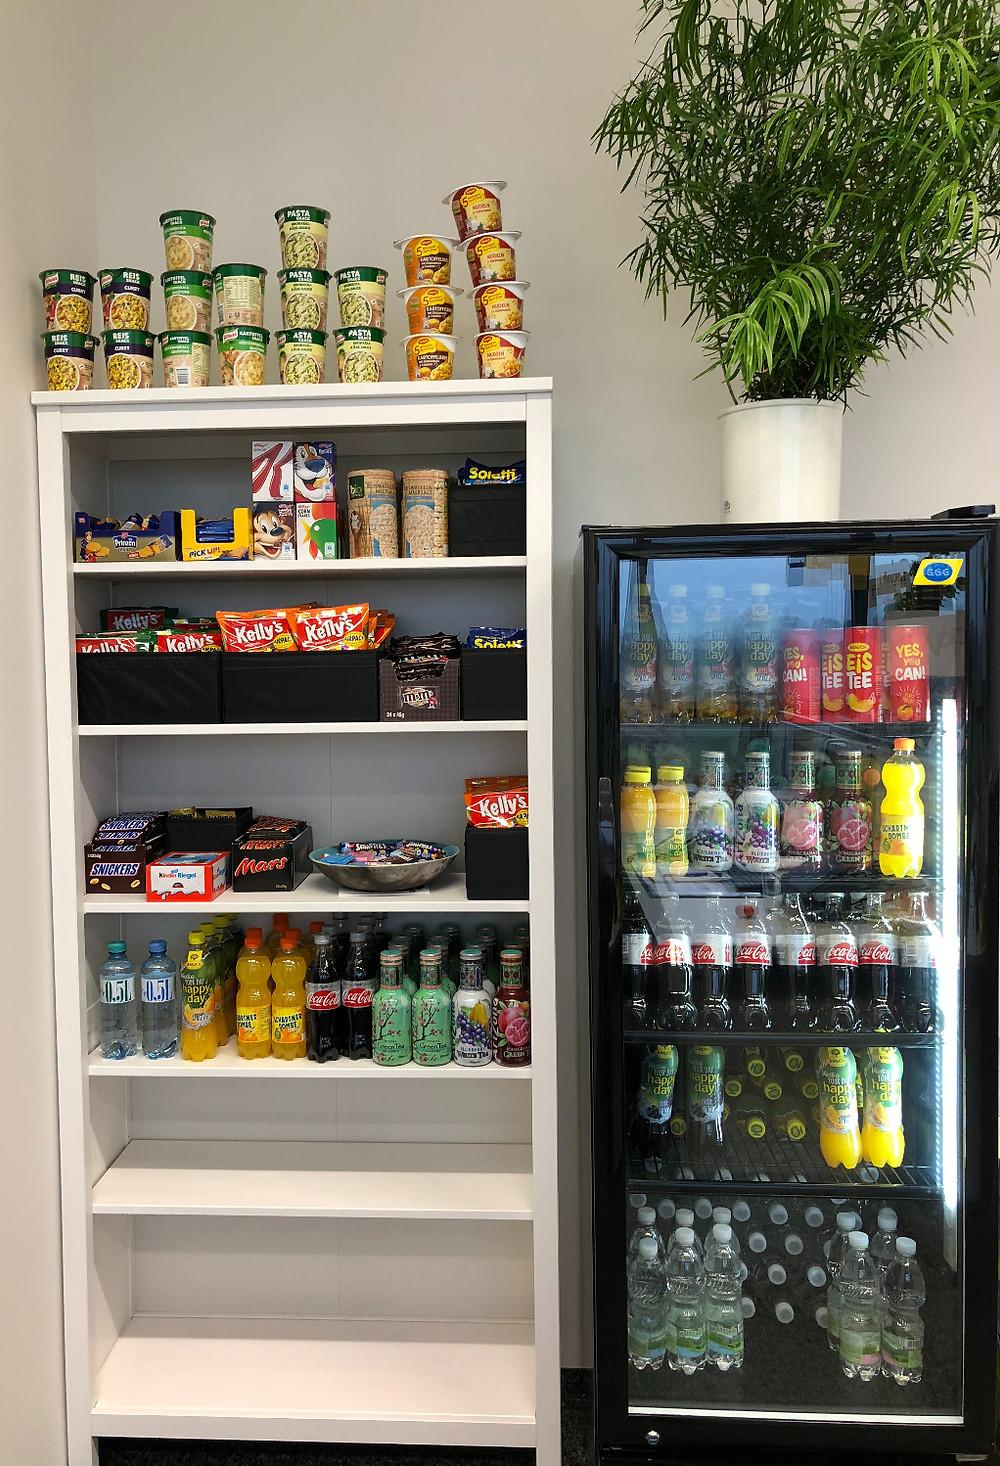 kostenlose Getränke und Snacks für unsere Mitarbeiter